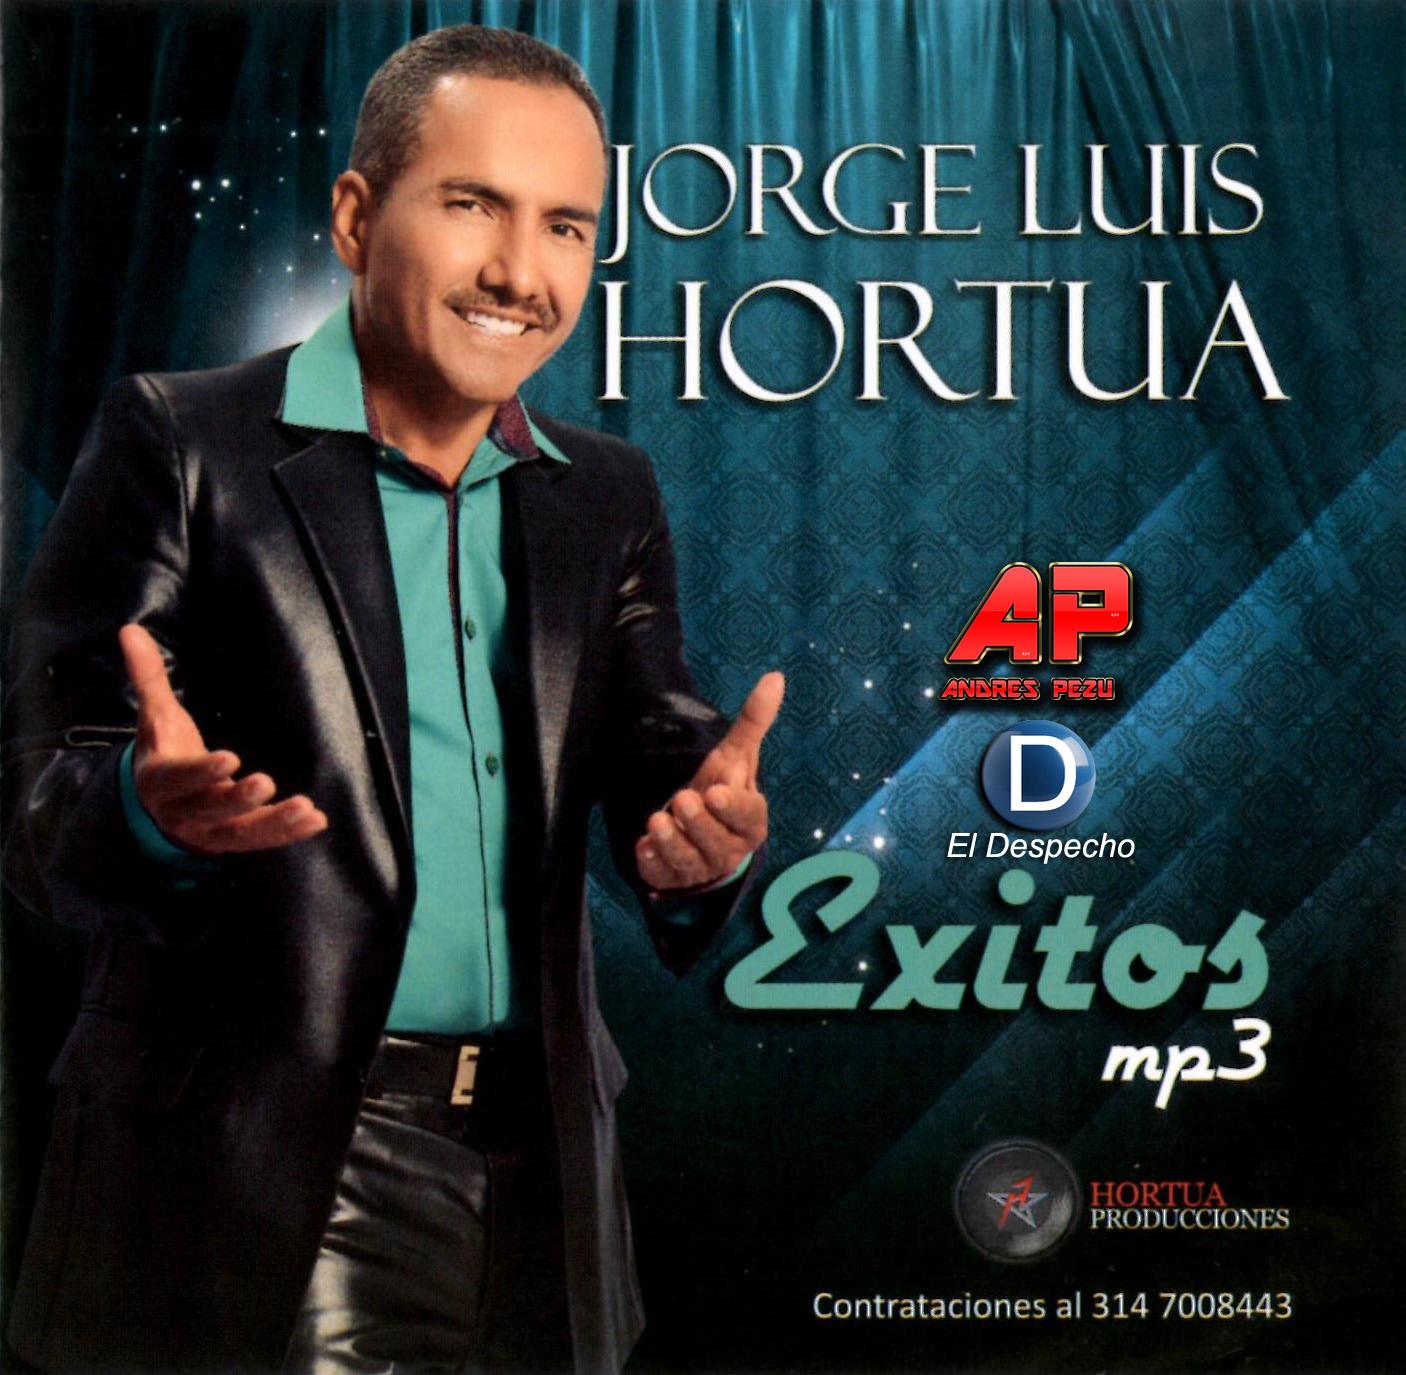 Jorge Luis Hortua